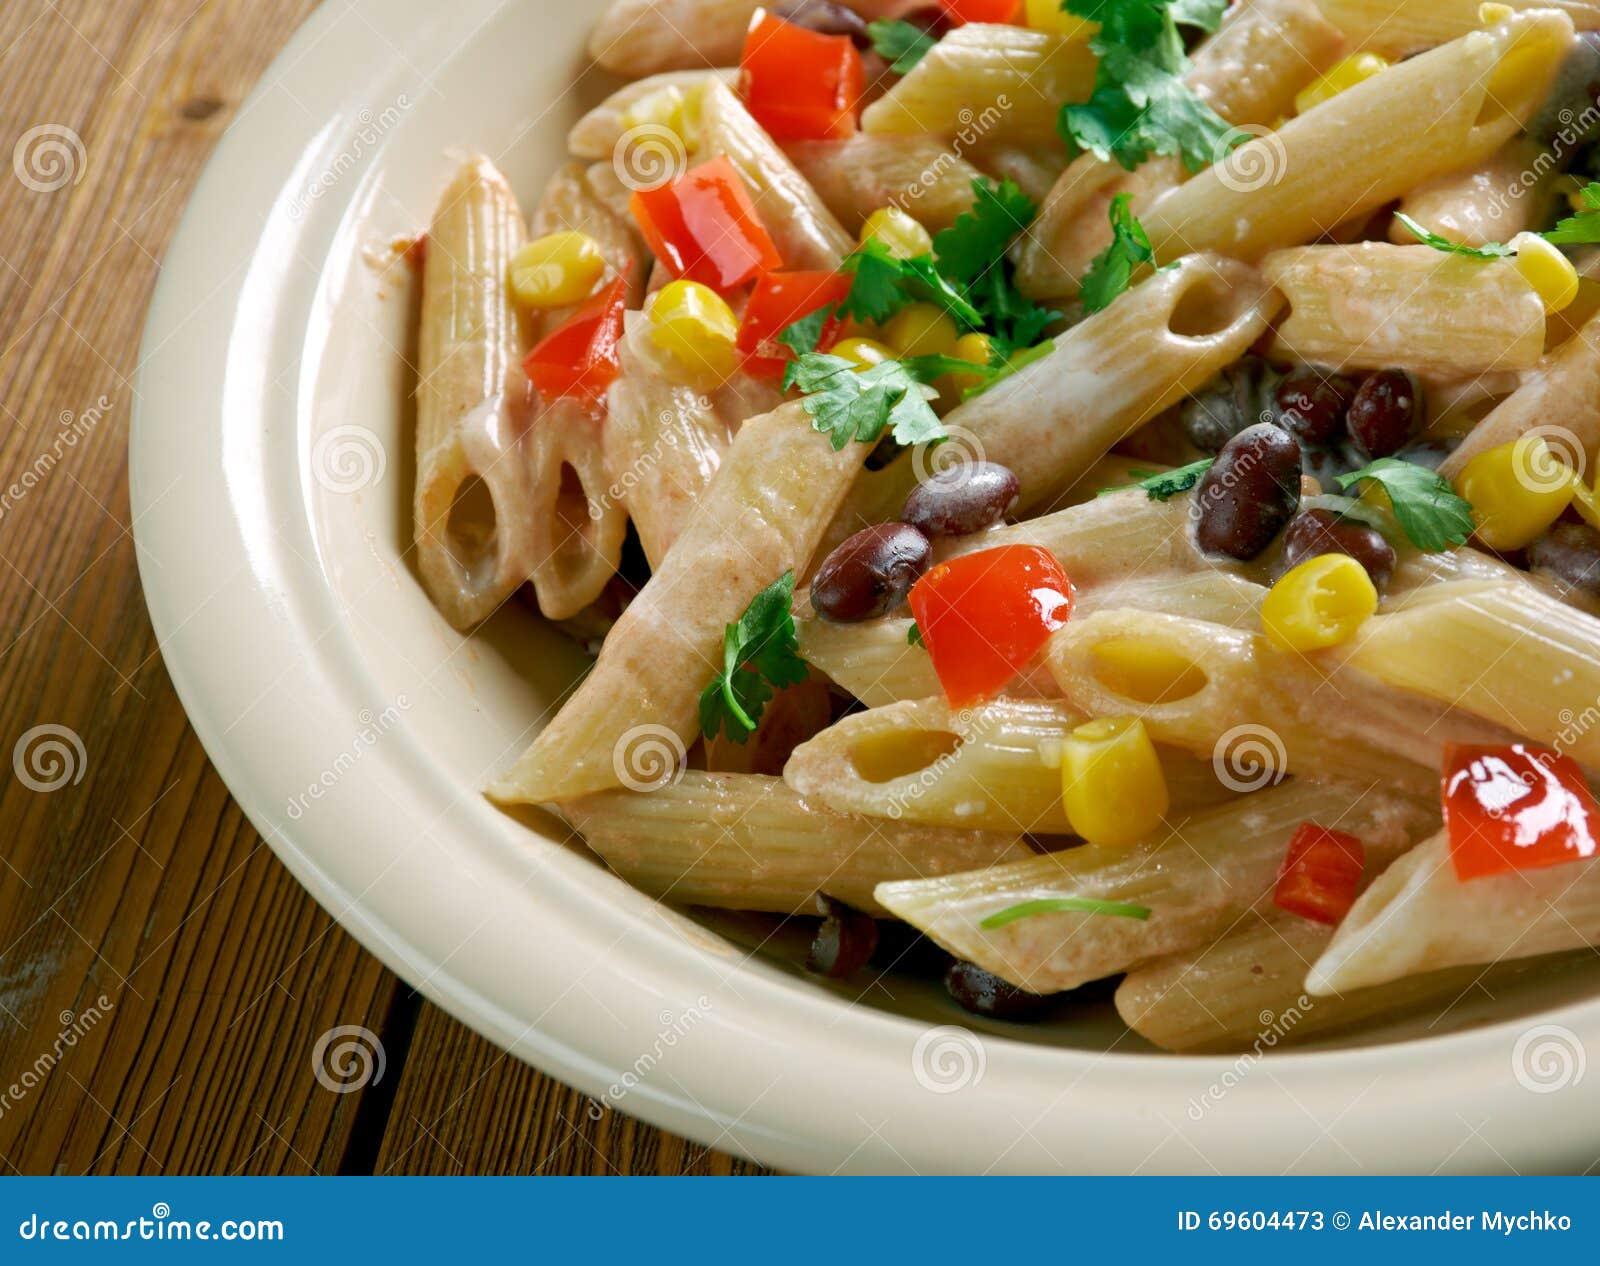 salade de p 226 tes photo stock image 69604473